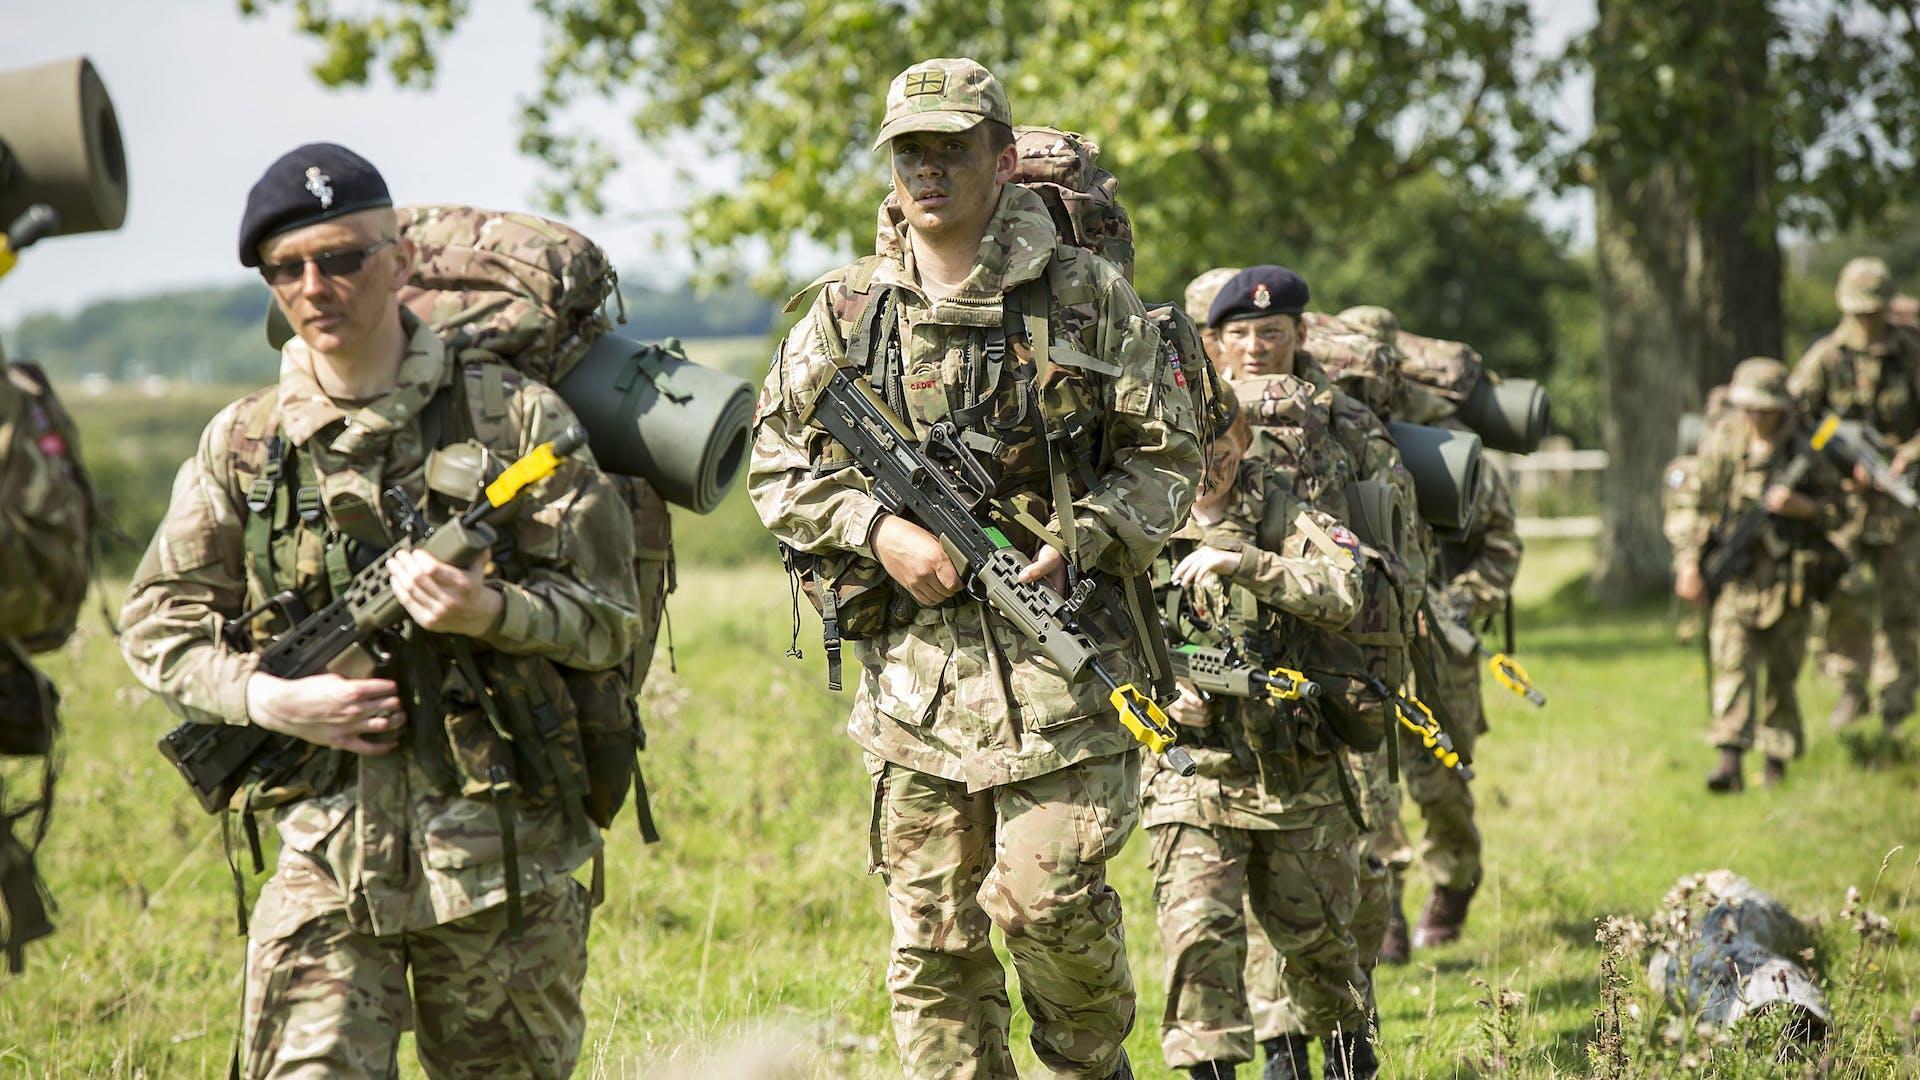 Senior Cadets on Patrol